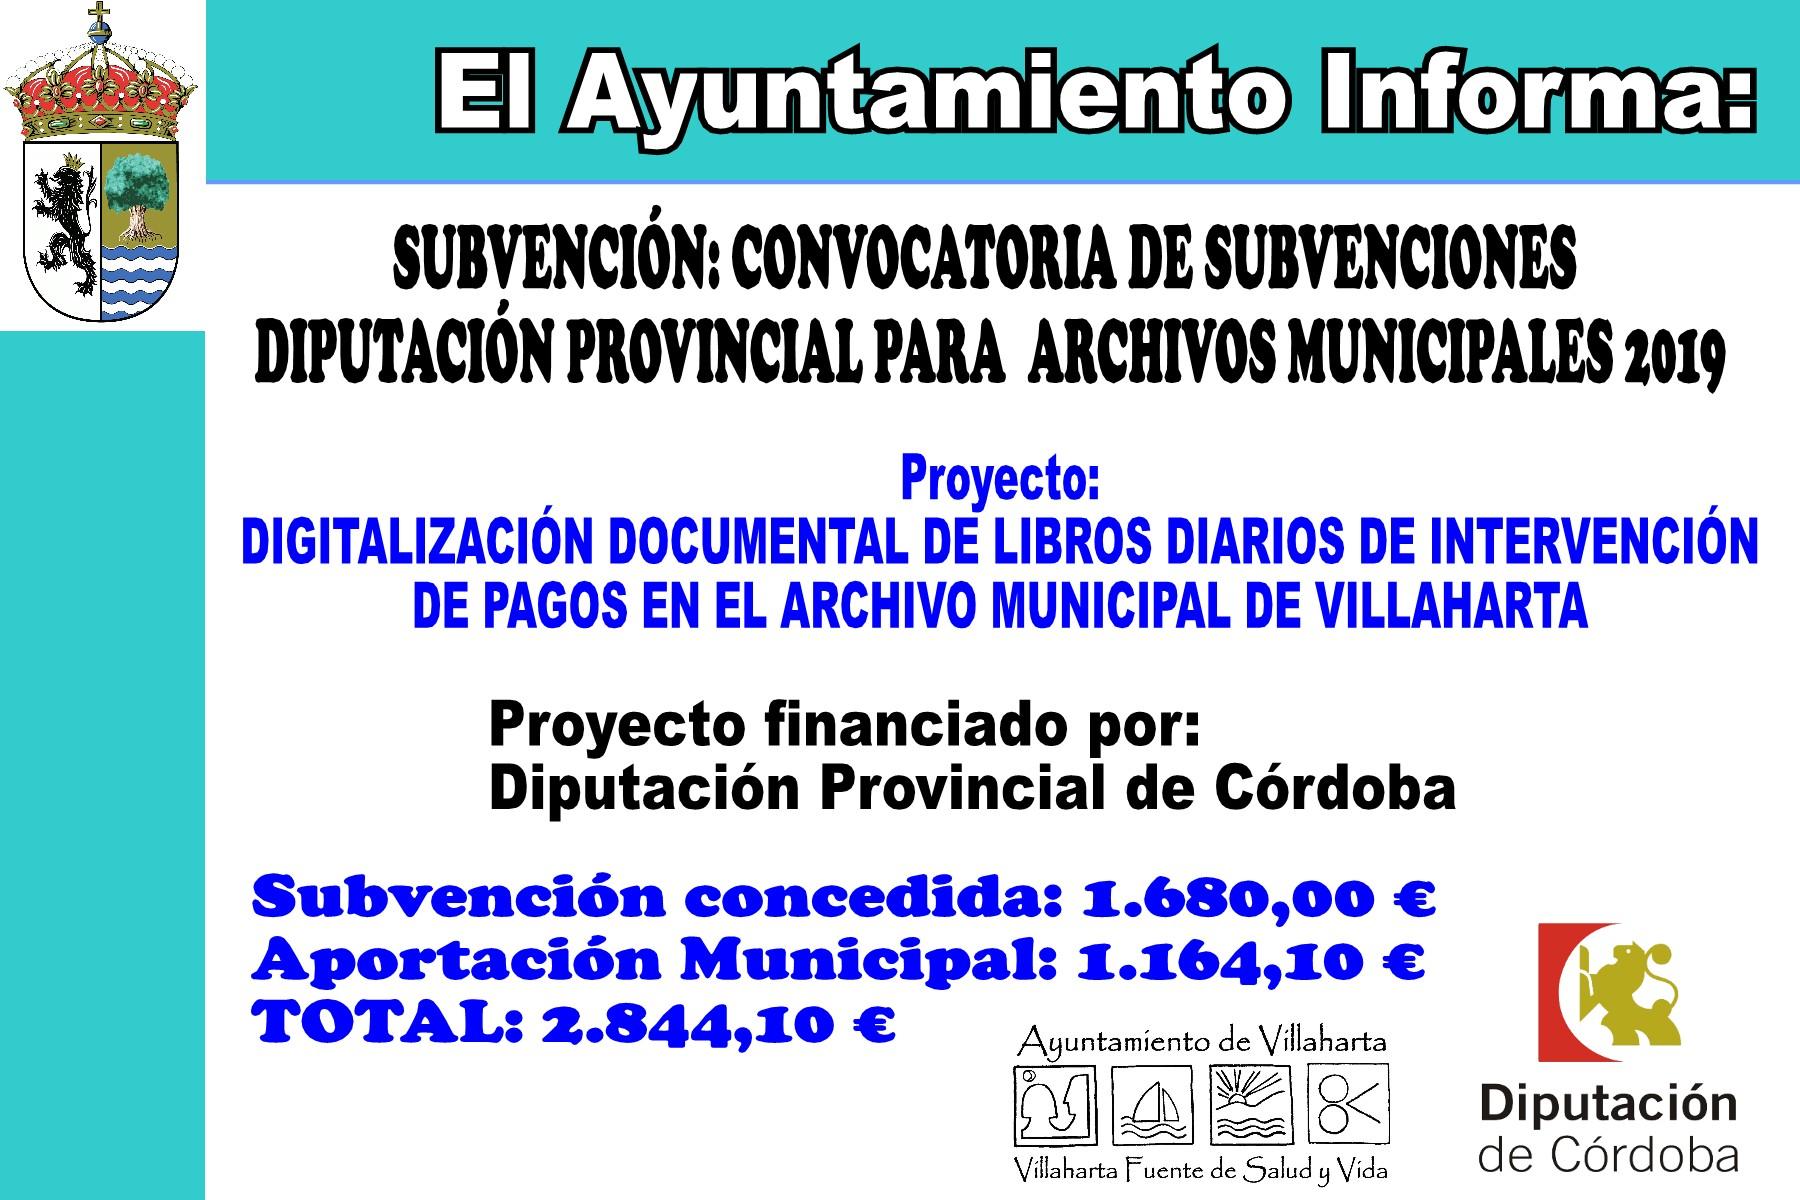 SUBVENCIONES RECIBIDAS 2019 2